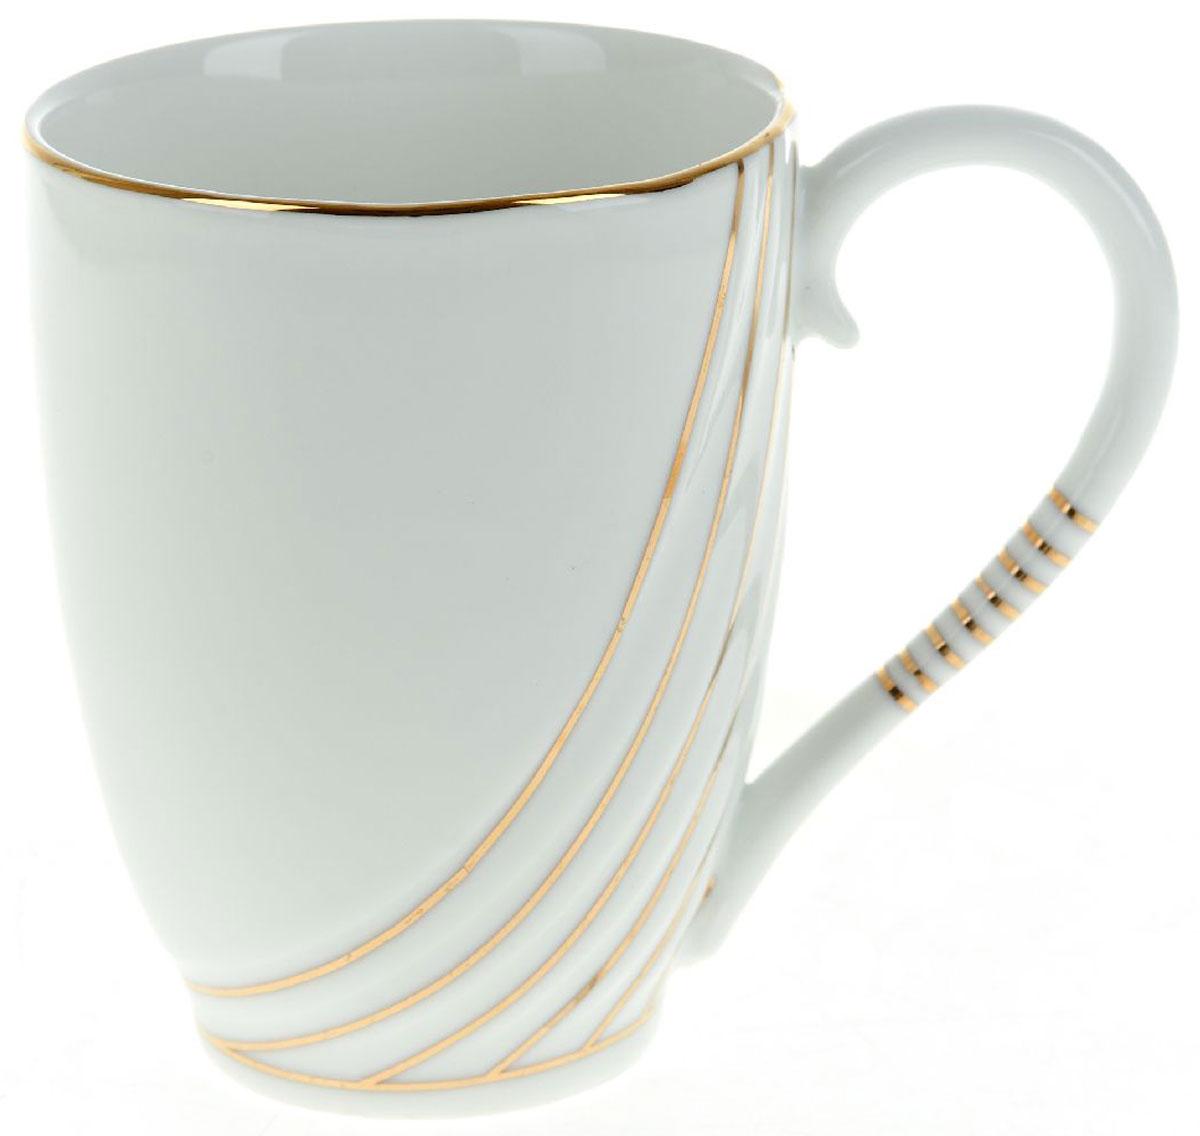 Кружка BHP Грация, 320 млM1490112Оригинальная кружка Best Home Porcelain, выполненная из высококачественного фарфора, сочетает в себе простой, утонченный дизайн с максимальной функциональностью. Оригинальность оформления придется по вкусу тем, кто ценит индивидуальность.Можно использовать в посудомоечной машине.